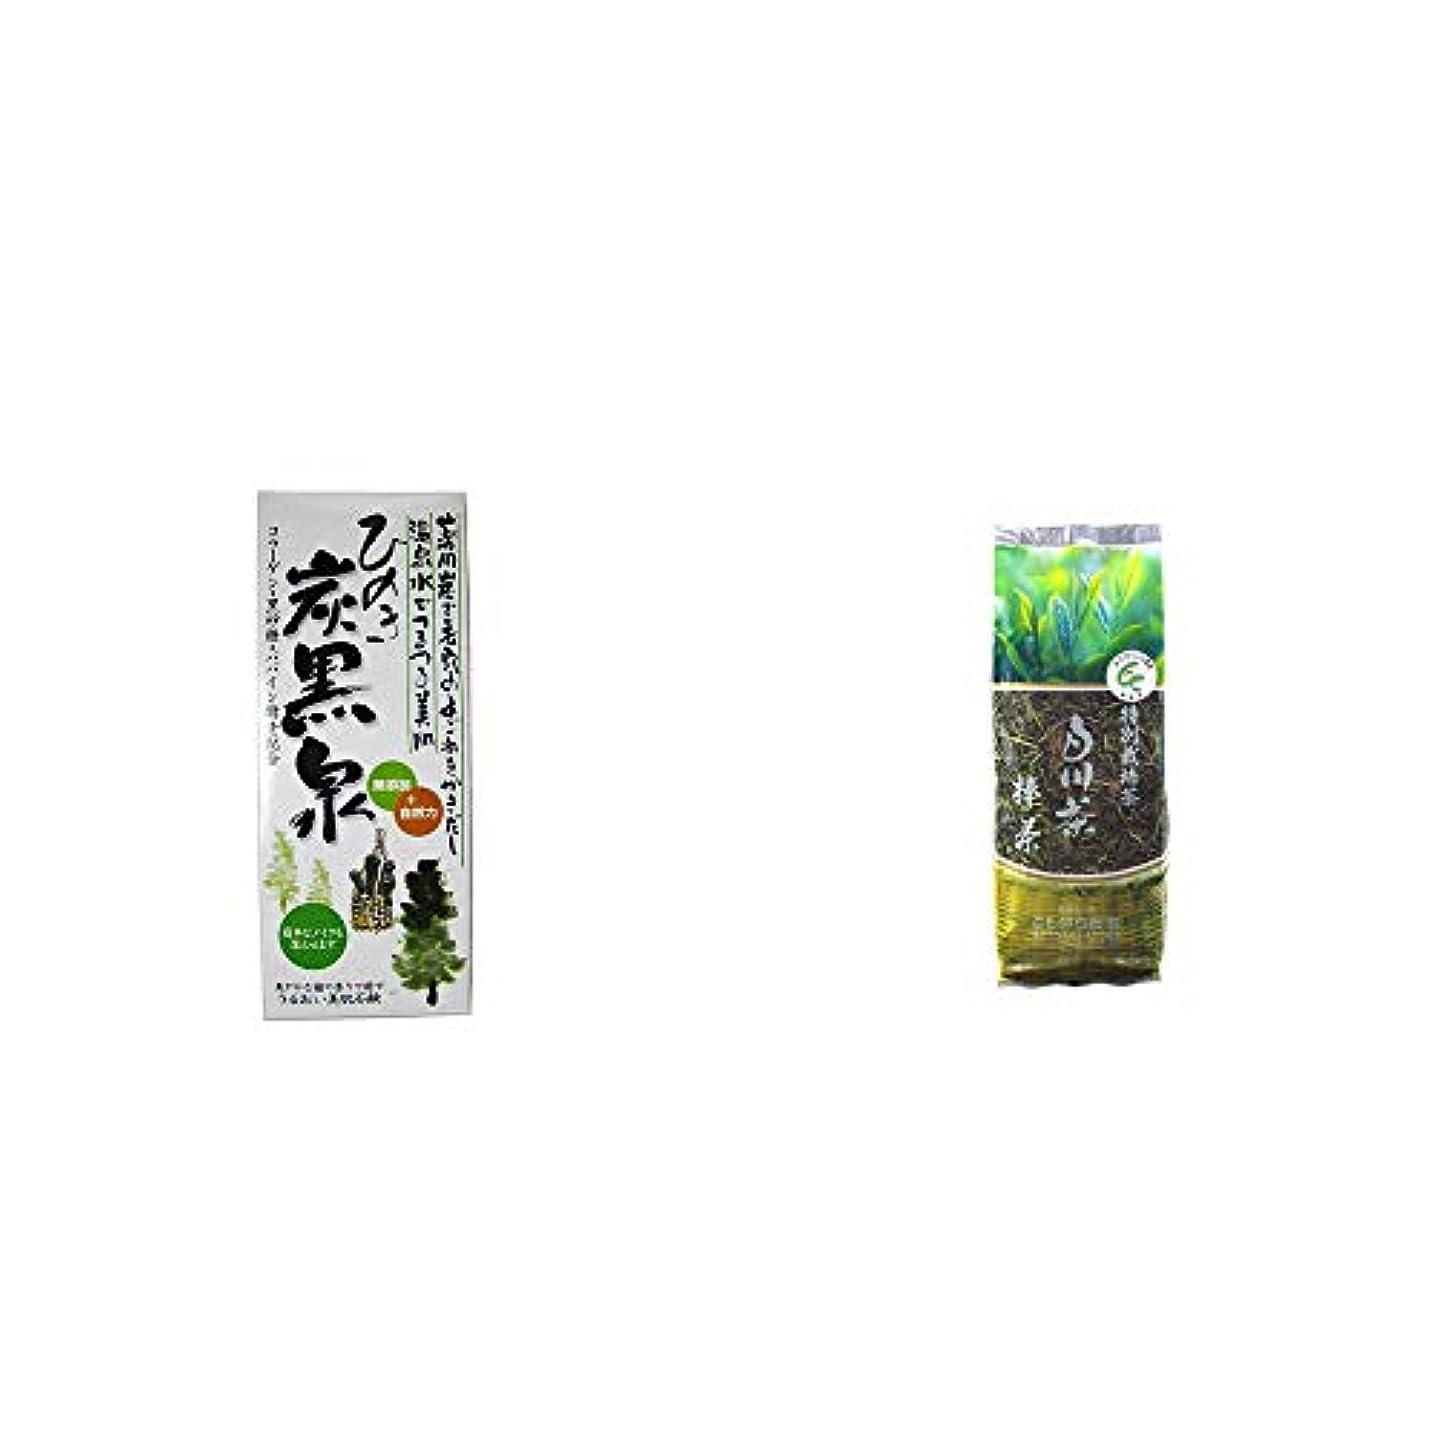 消費する手入れ[2点セット] ひのき炭黒泉 箱入り(75g×3)?白川茶 特別栽培茶【棒茶】(150g)